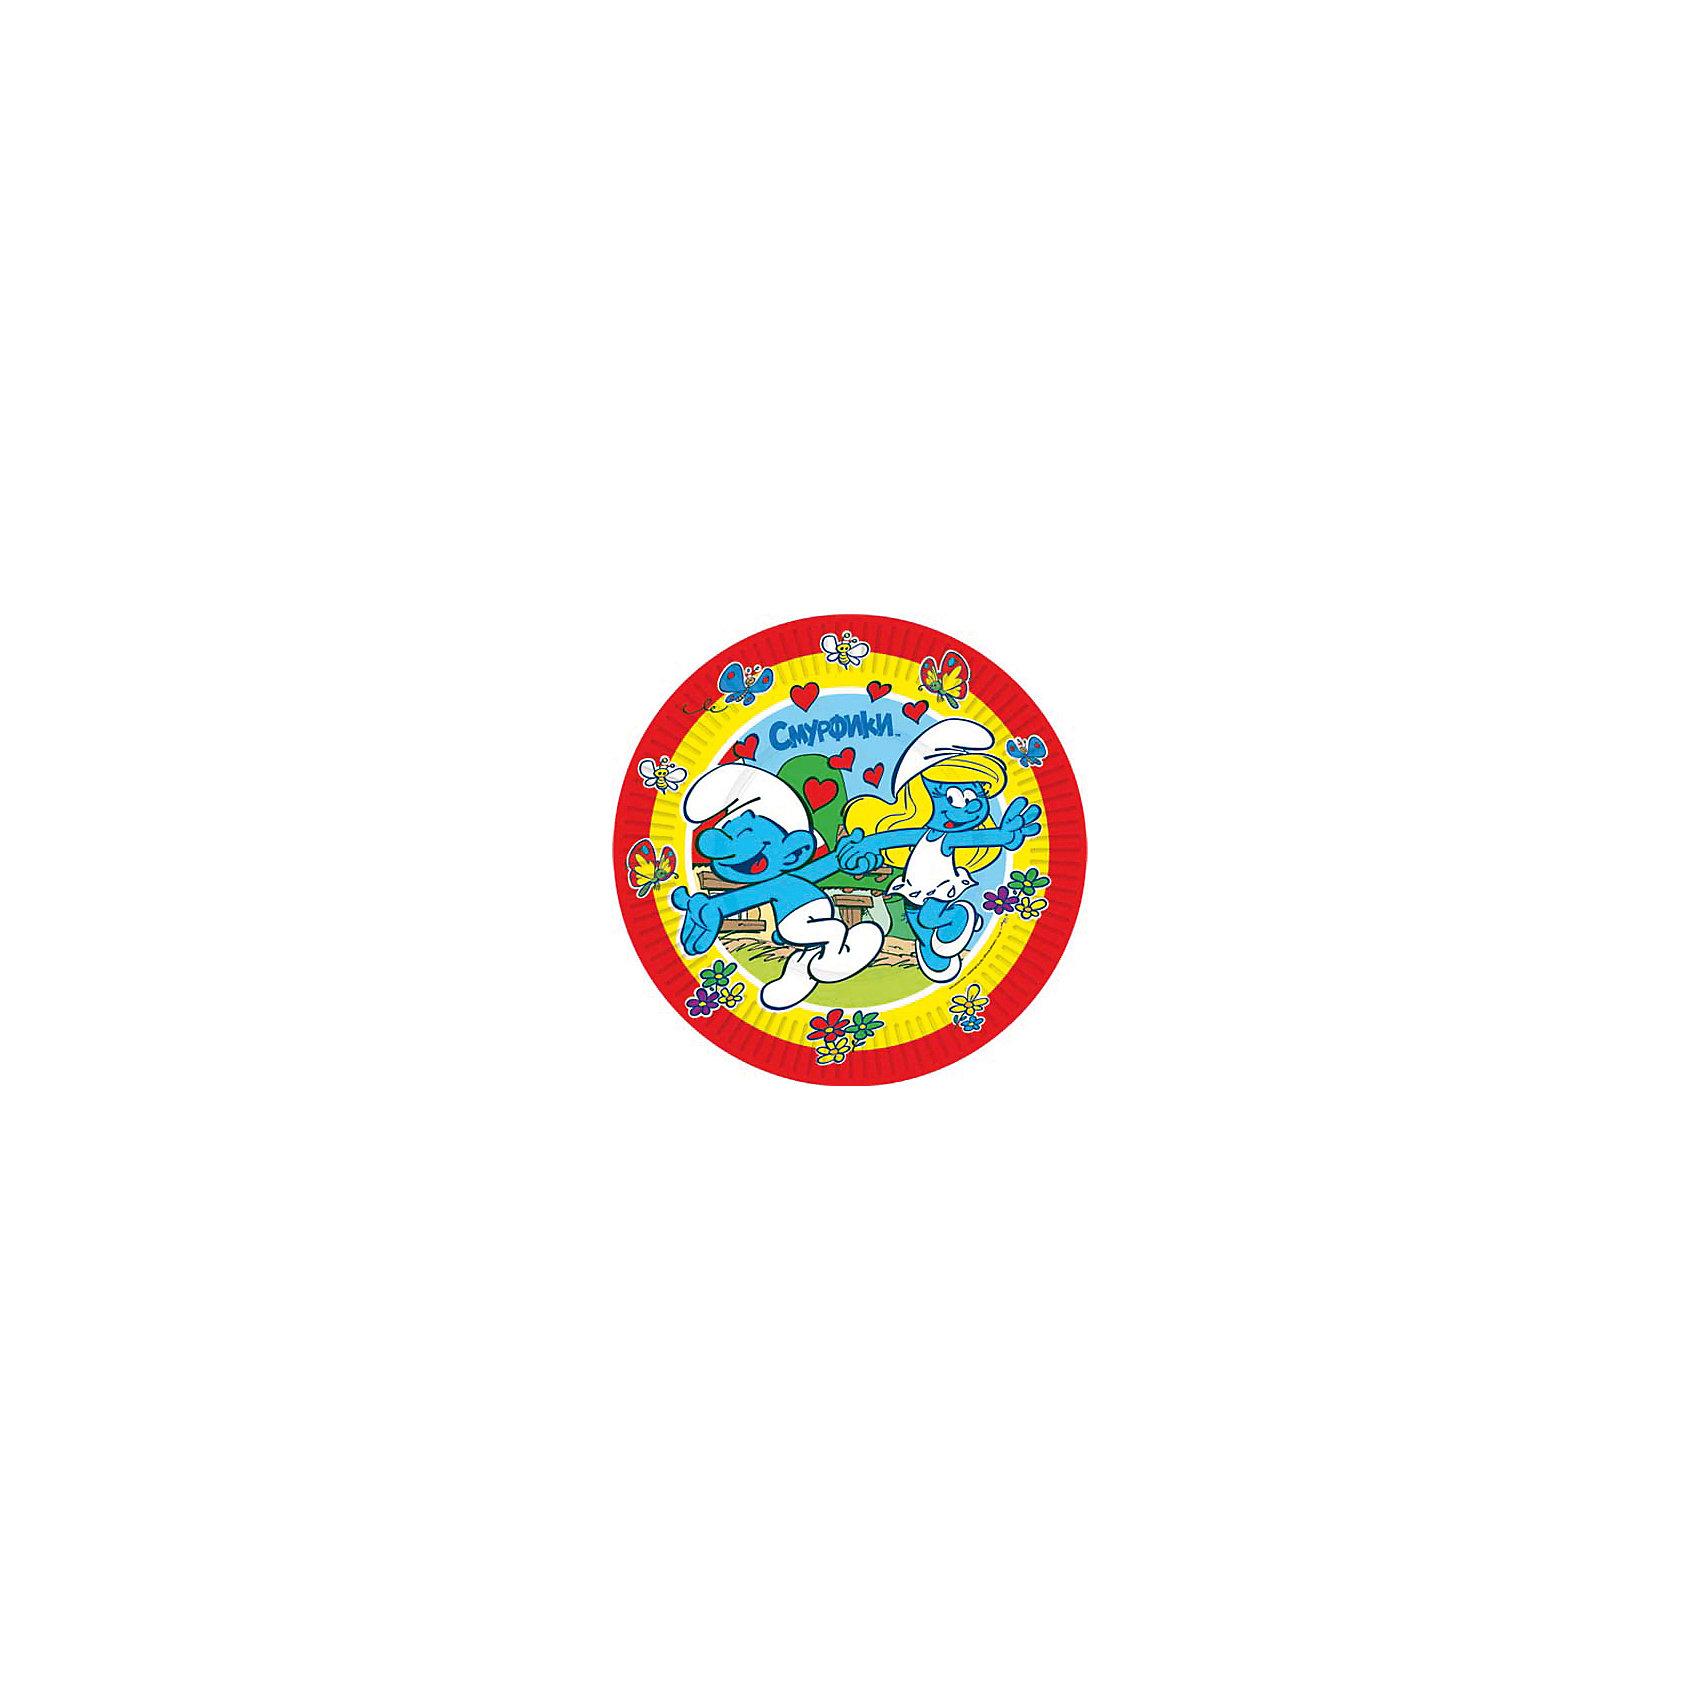 Тарелка Сердечки, 23 см, 10 шт, СмурфикиОдноразовые тарелки прочно вошли в современную жизнь, и теперь многие люди просто не представляют праздник или пикник без таких нужных вещей: они почти невесомы, не могут разбиться и не нуждаются в мытье. Сделанная из бумаги, посуда «Сердечки» ТМ «Смурфики» является экологически чистой, поэтому не наносит вреда здоровью. Благодаря глянцевому ламинированию, она прекрасно справляется со своей задачей: удерживает еду и напитки, не промокает и не протекает.&#13;<br>В набор одноразовой посуды входит 10 бумажных тарелок диаметром 23 см. Также вы можете выбрать бумажные стаканы, дудочки, колпачки и полиэтиленовую скатерть бренда «Смурфики». Упаковка – термопленка.<br><br>Ширина мм: 230<br>Глубина мм: 230<br>Высота мм: 10<br>Вес г: 146<br>Возраст от месяцев: 36<br>Возраст до месяцев: 108<br>Пол: Унисекс<br>Возраст: Детский<br>SKU: 5076628